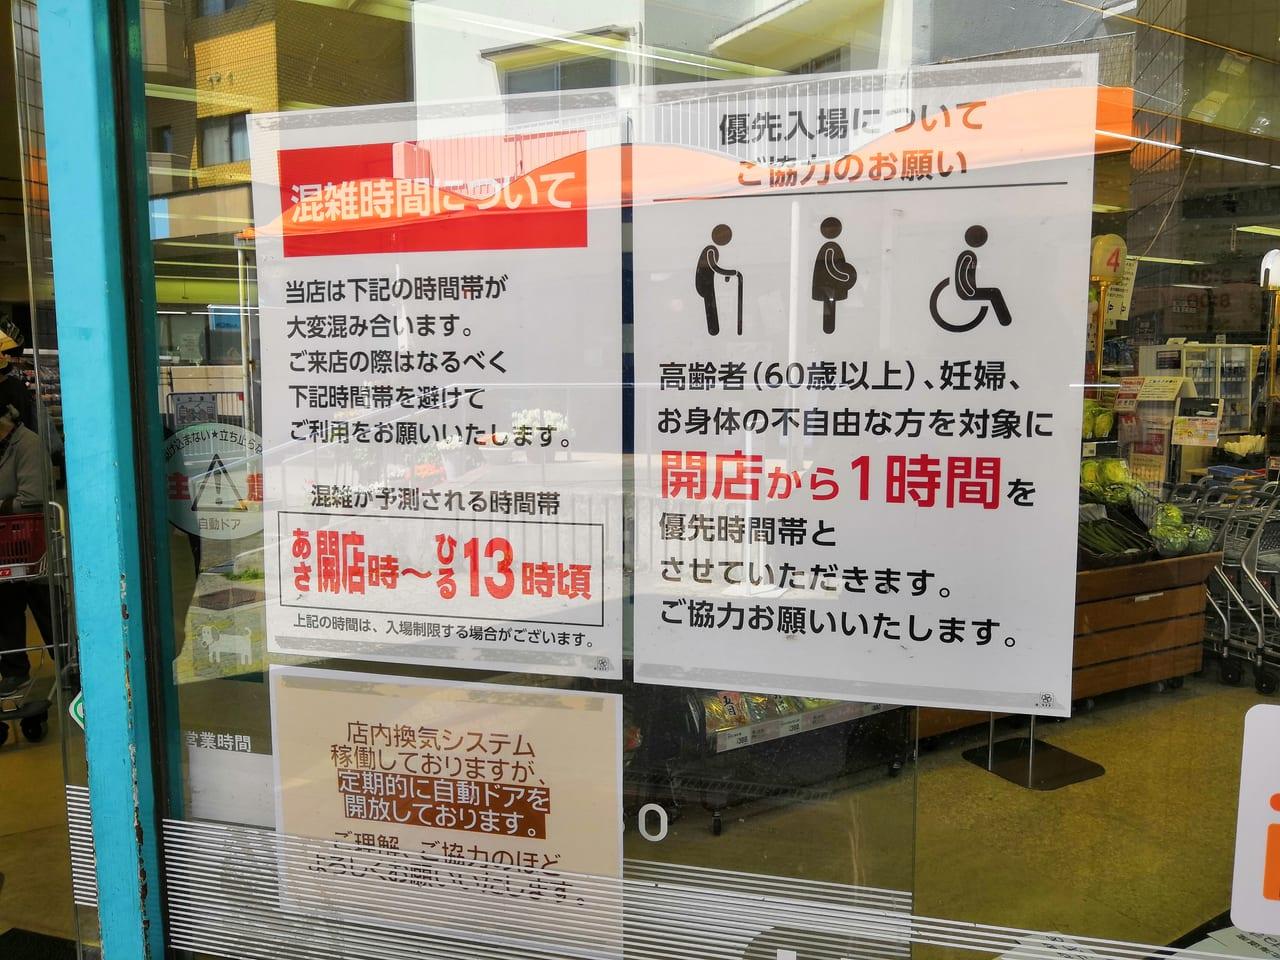 混む 時間 スーパー スーパーが混む時間帯は何時頃か?バイト経験者だからわかる情報【空いてる曜日は?】|暮らしの情報館